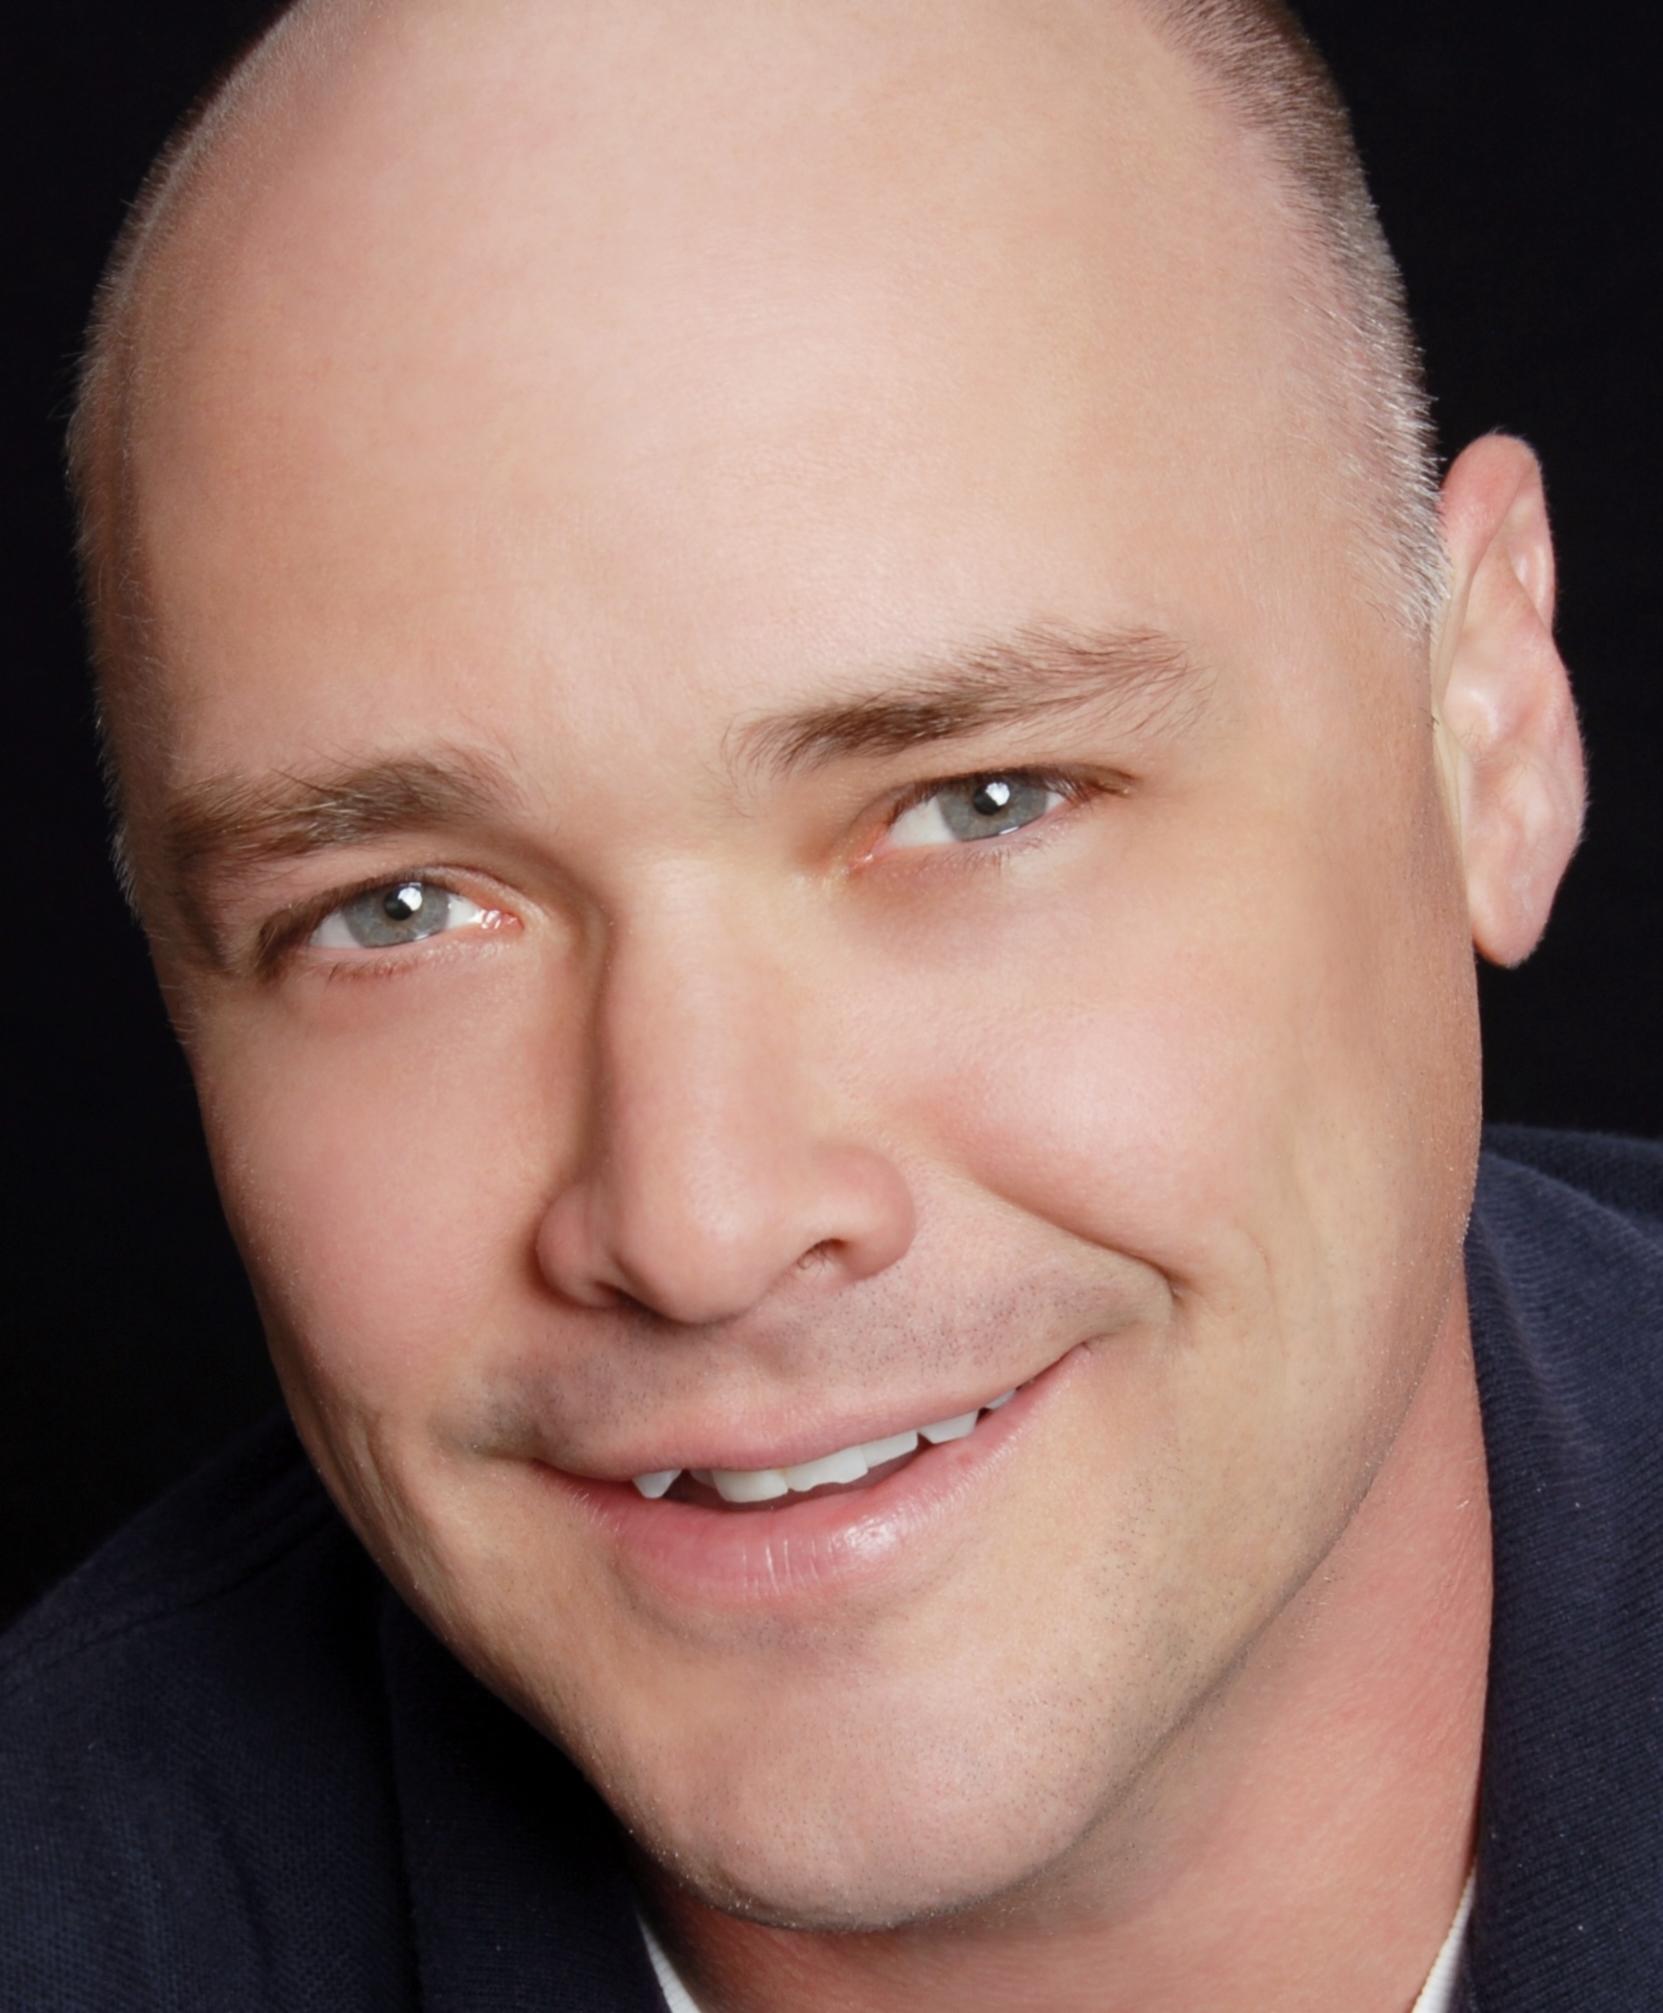 Peter Lajeunesse